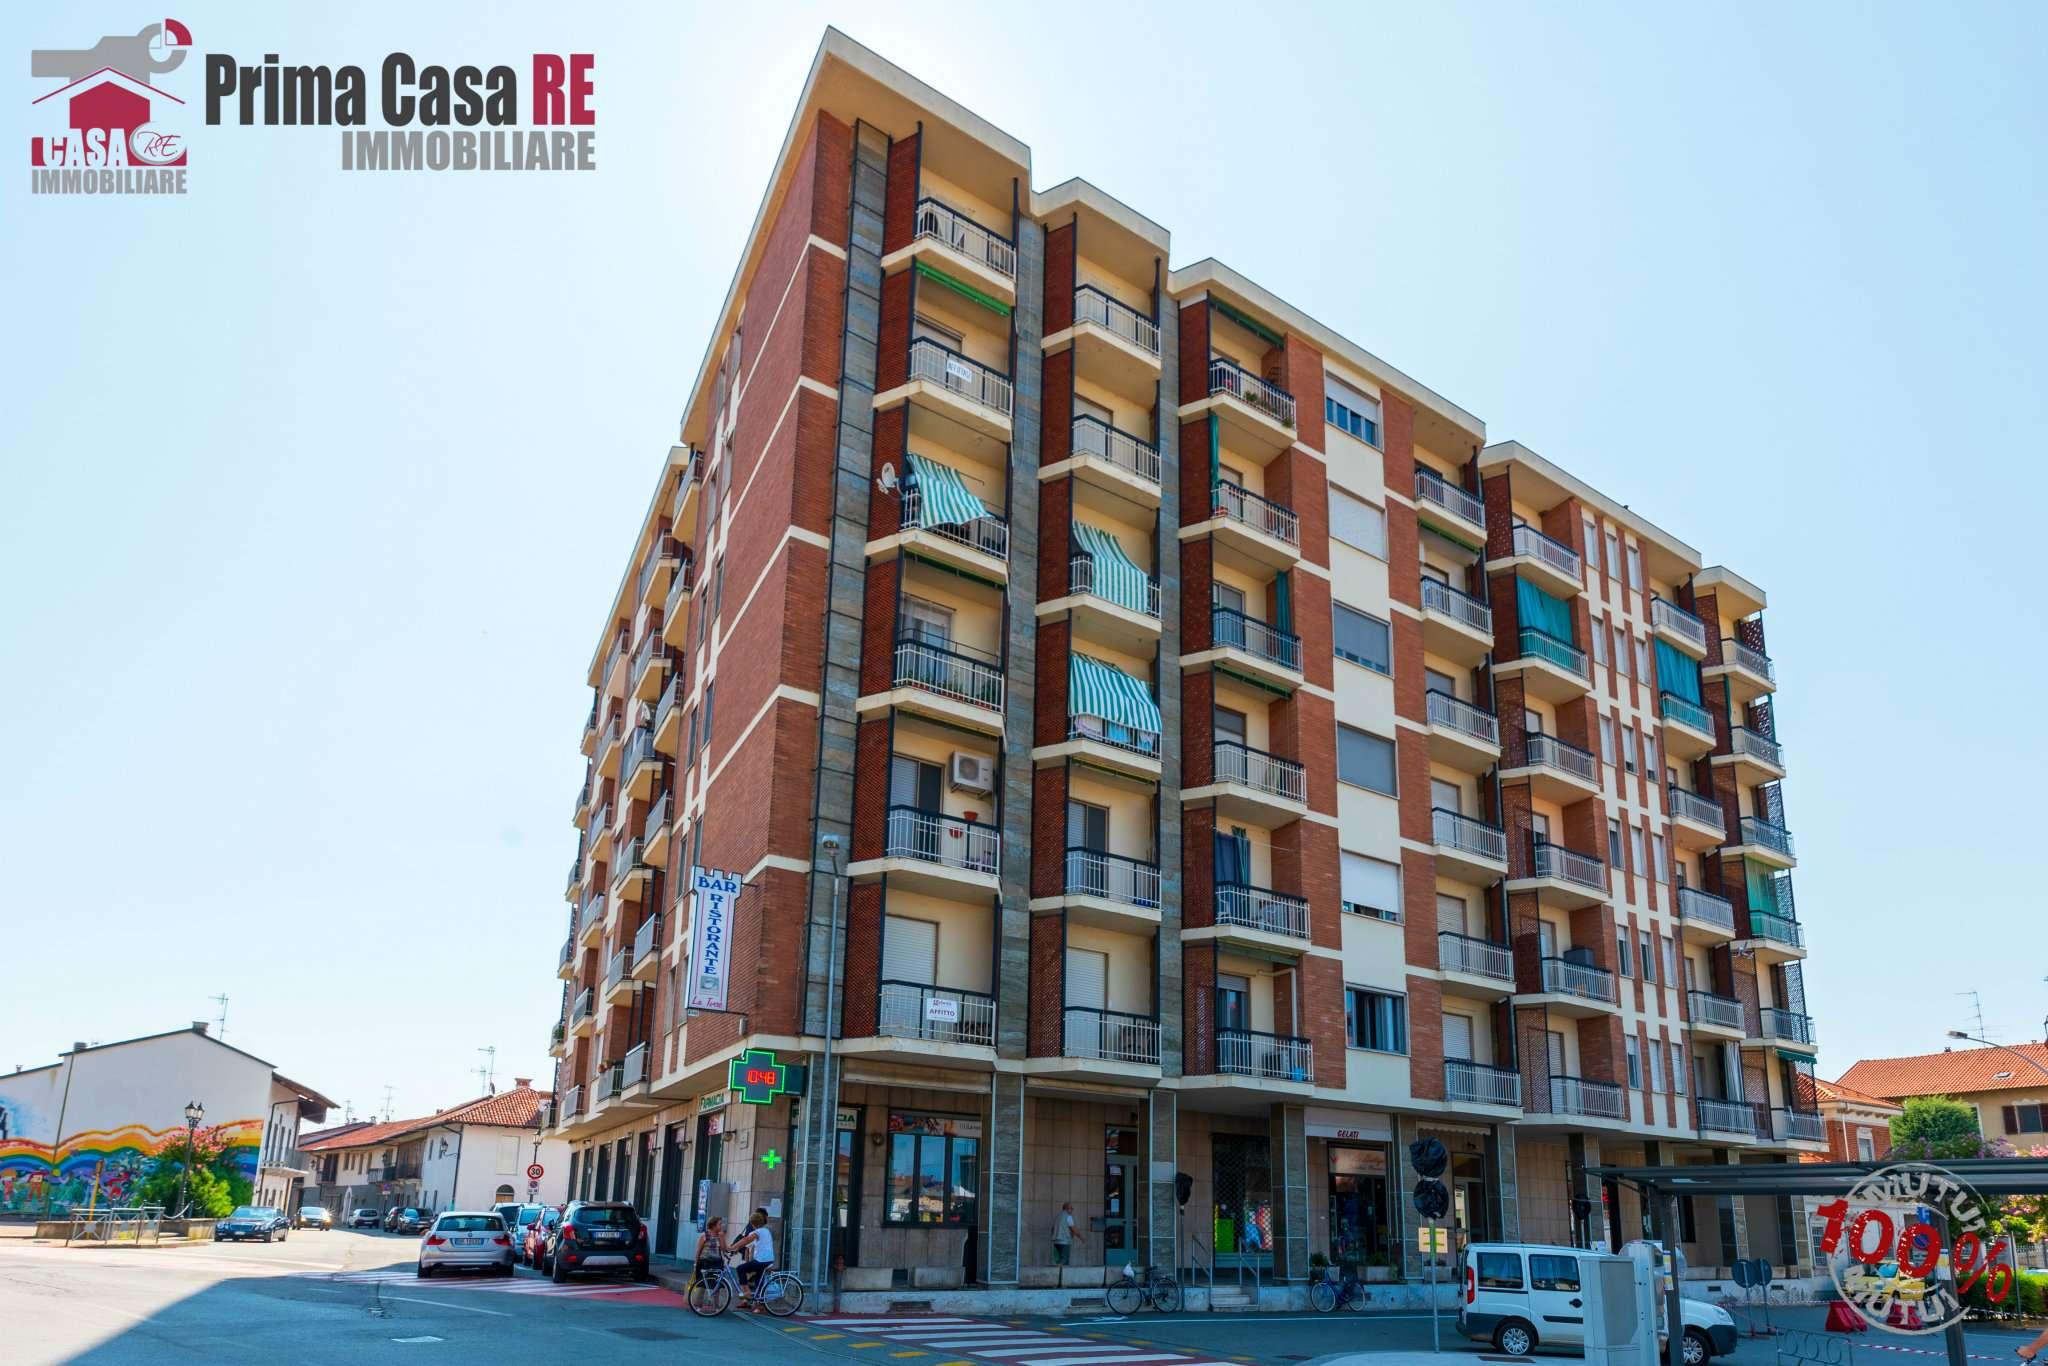 Appartamento in vendita a Torrazza Piemonte, 3 locali, prezzo € 79.000 | CambioCasa.it